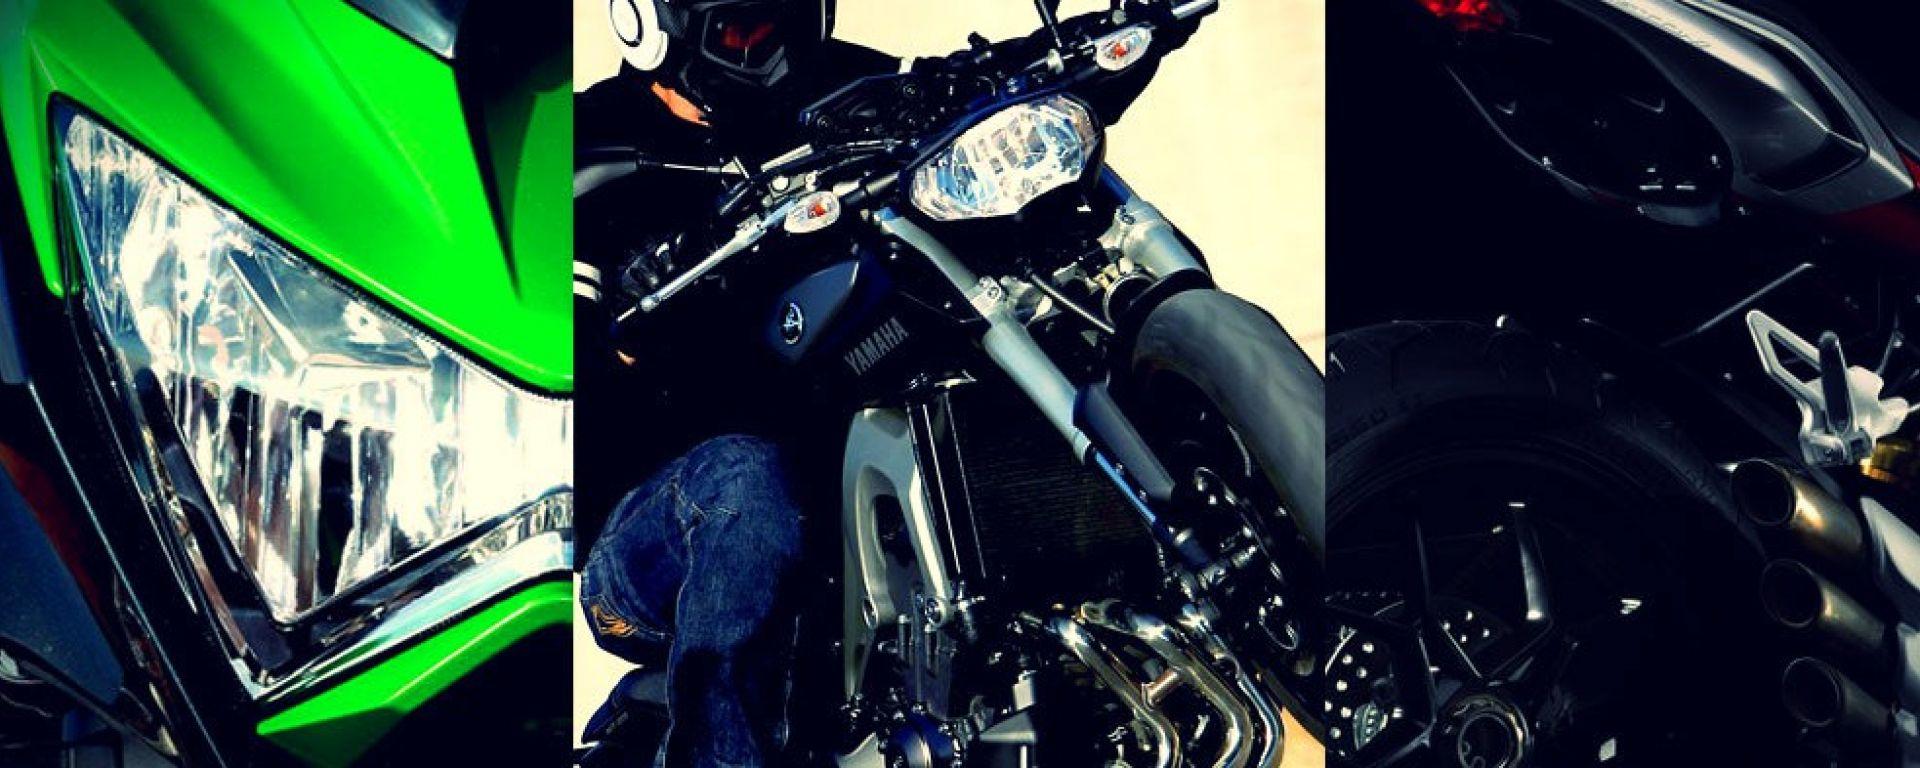 Yamaha MT-09 vs Kawasaki Z800 vs MV Agusta Brutale 800